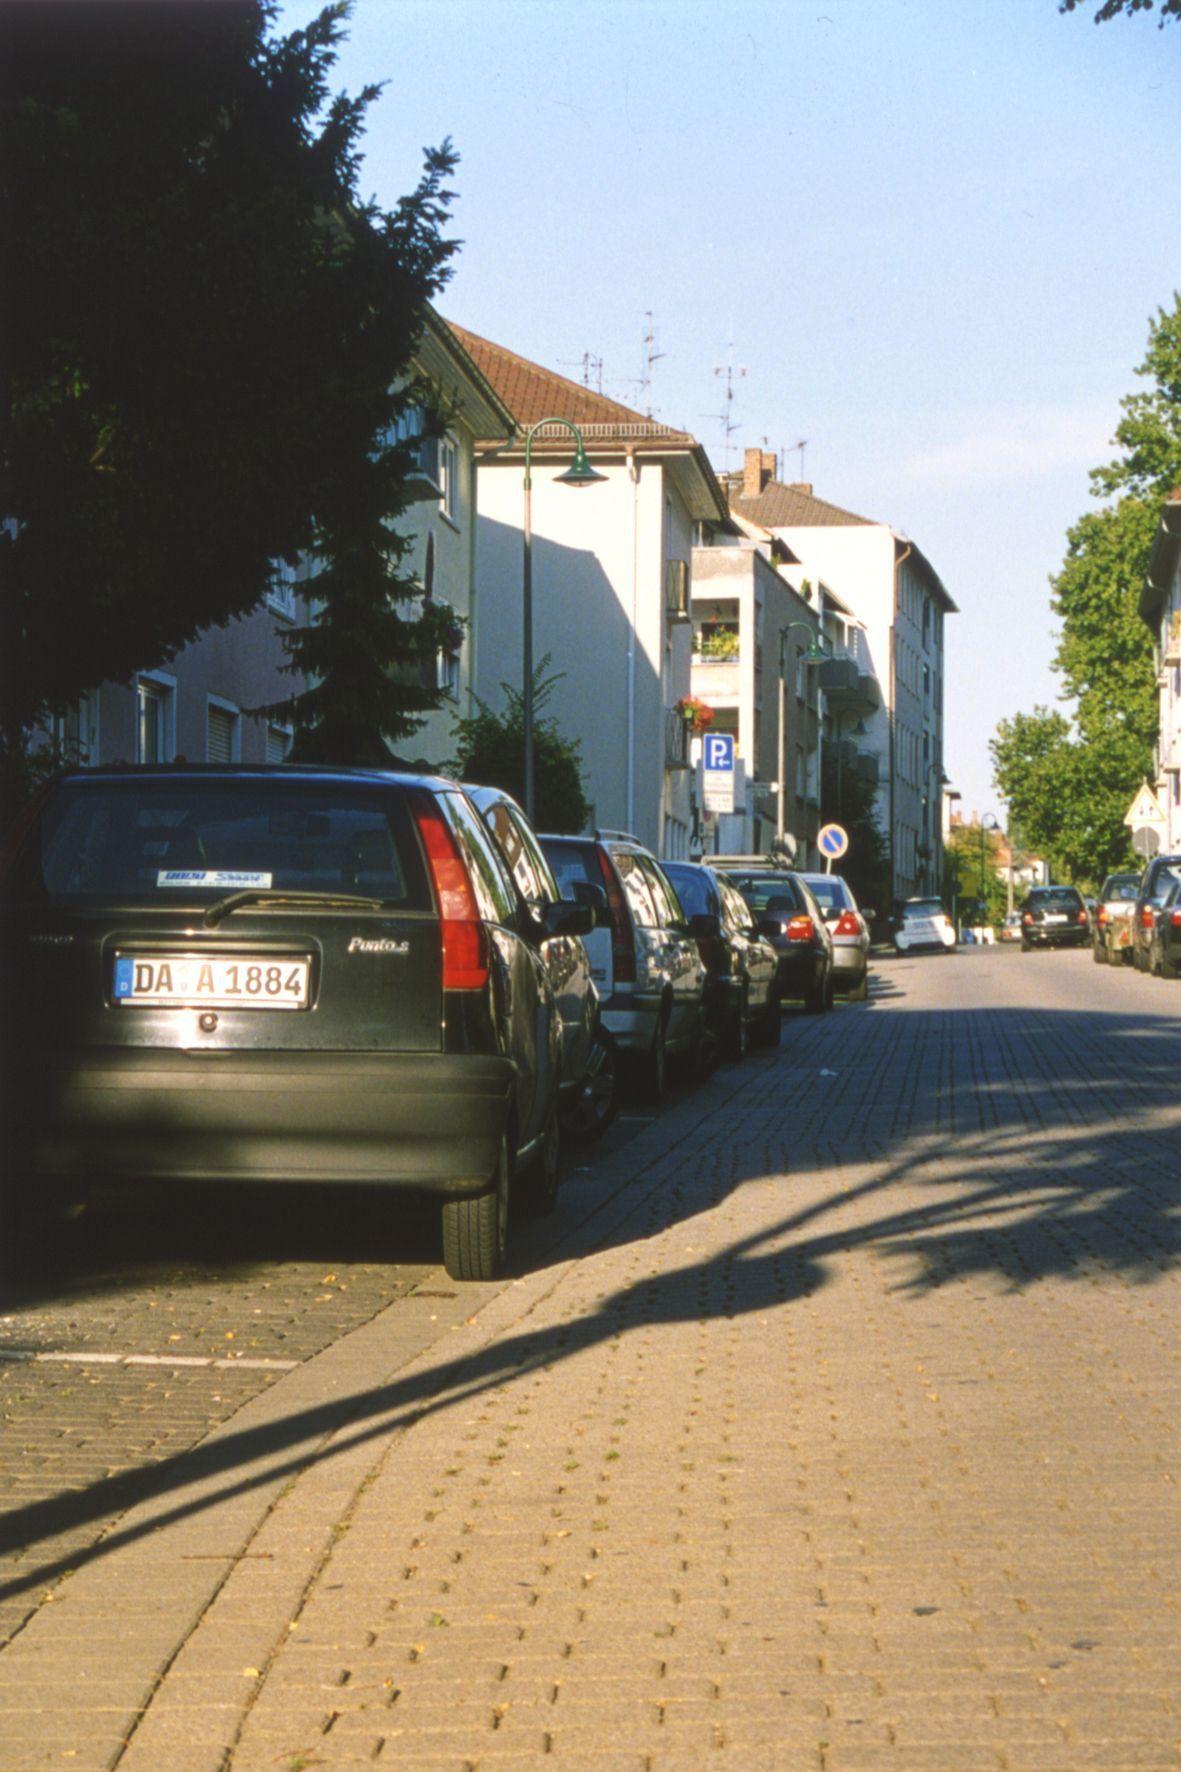 mid Groß-Gerau - Richtiges Parken will gelernt sein: Denn für die Autofahrer gibt es beim Einparken jede Menge Stolperfallen.